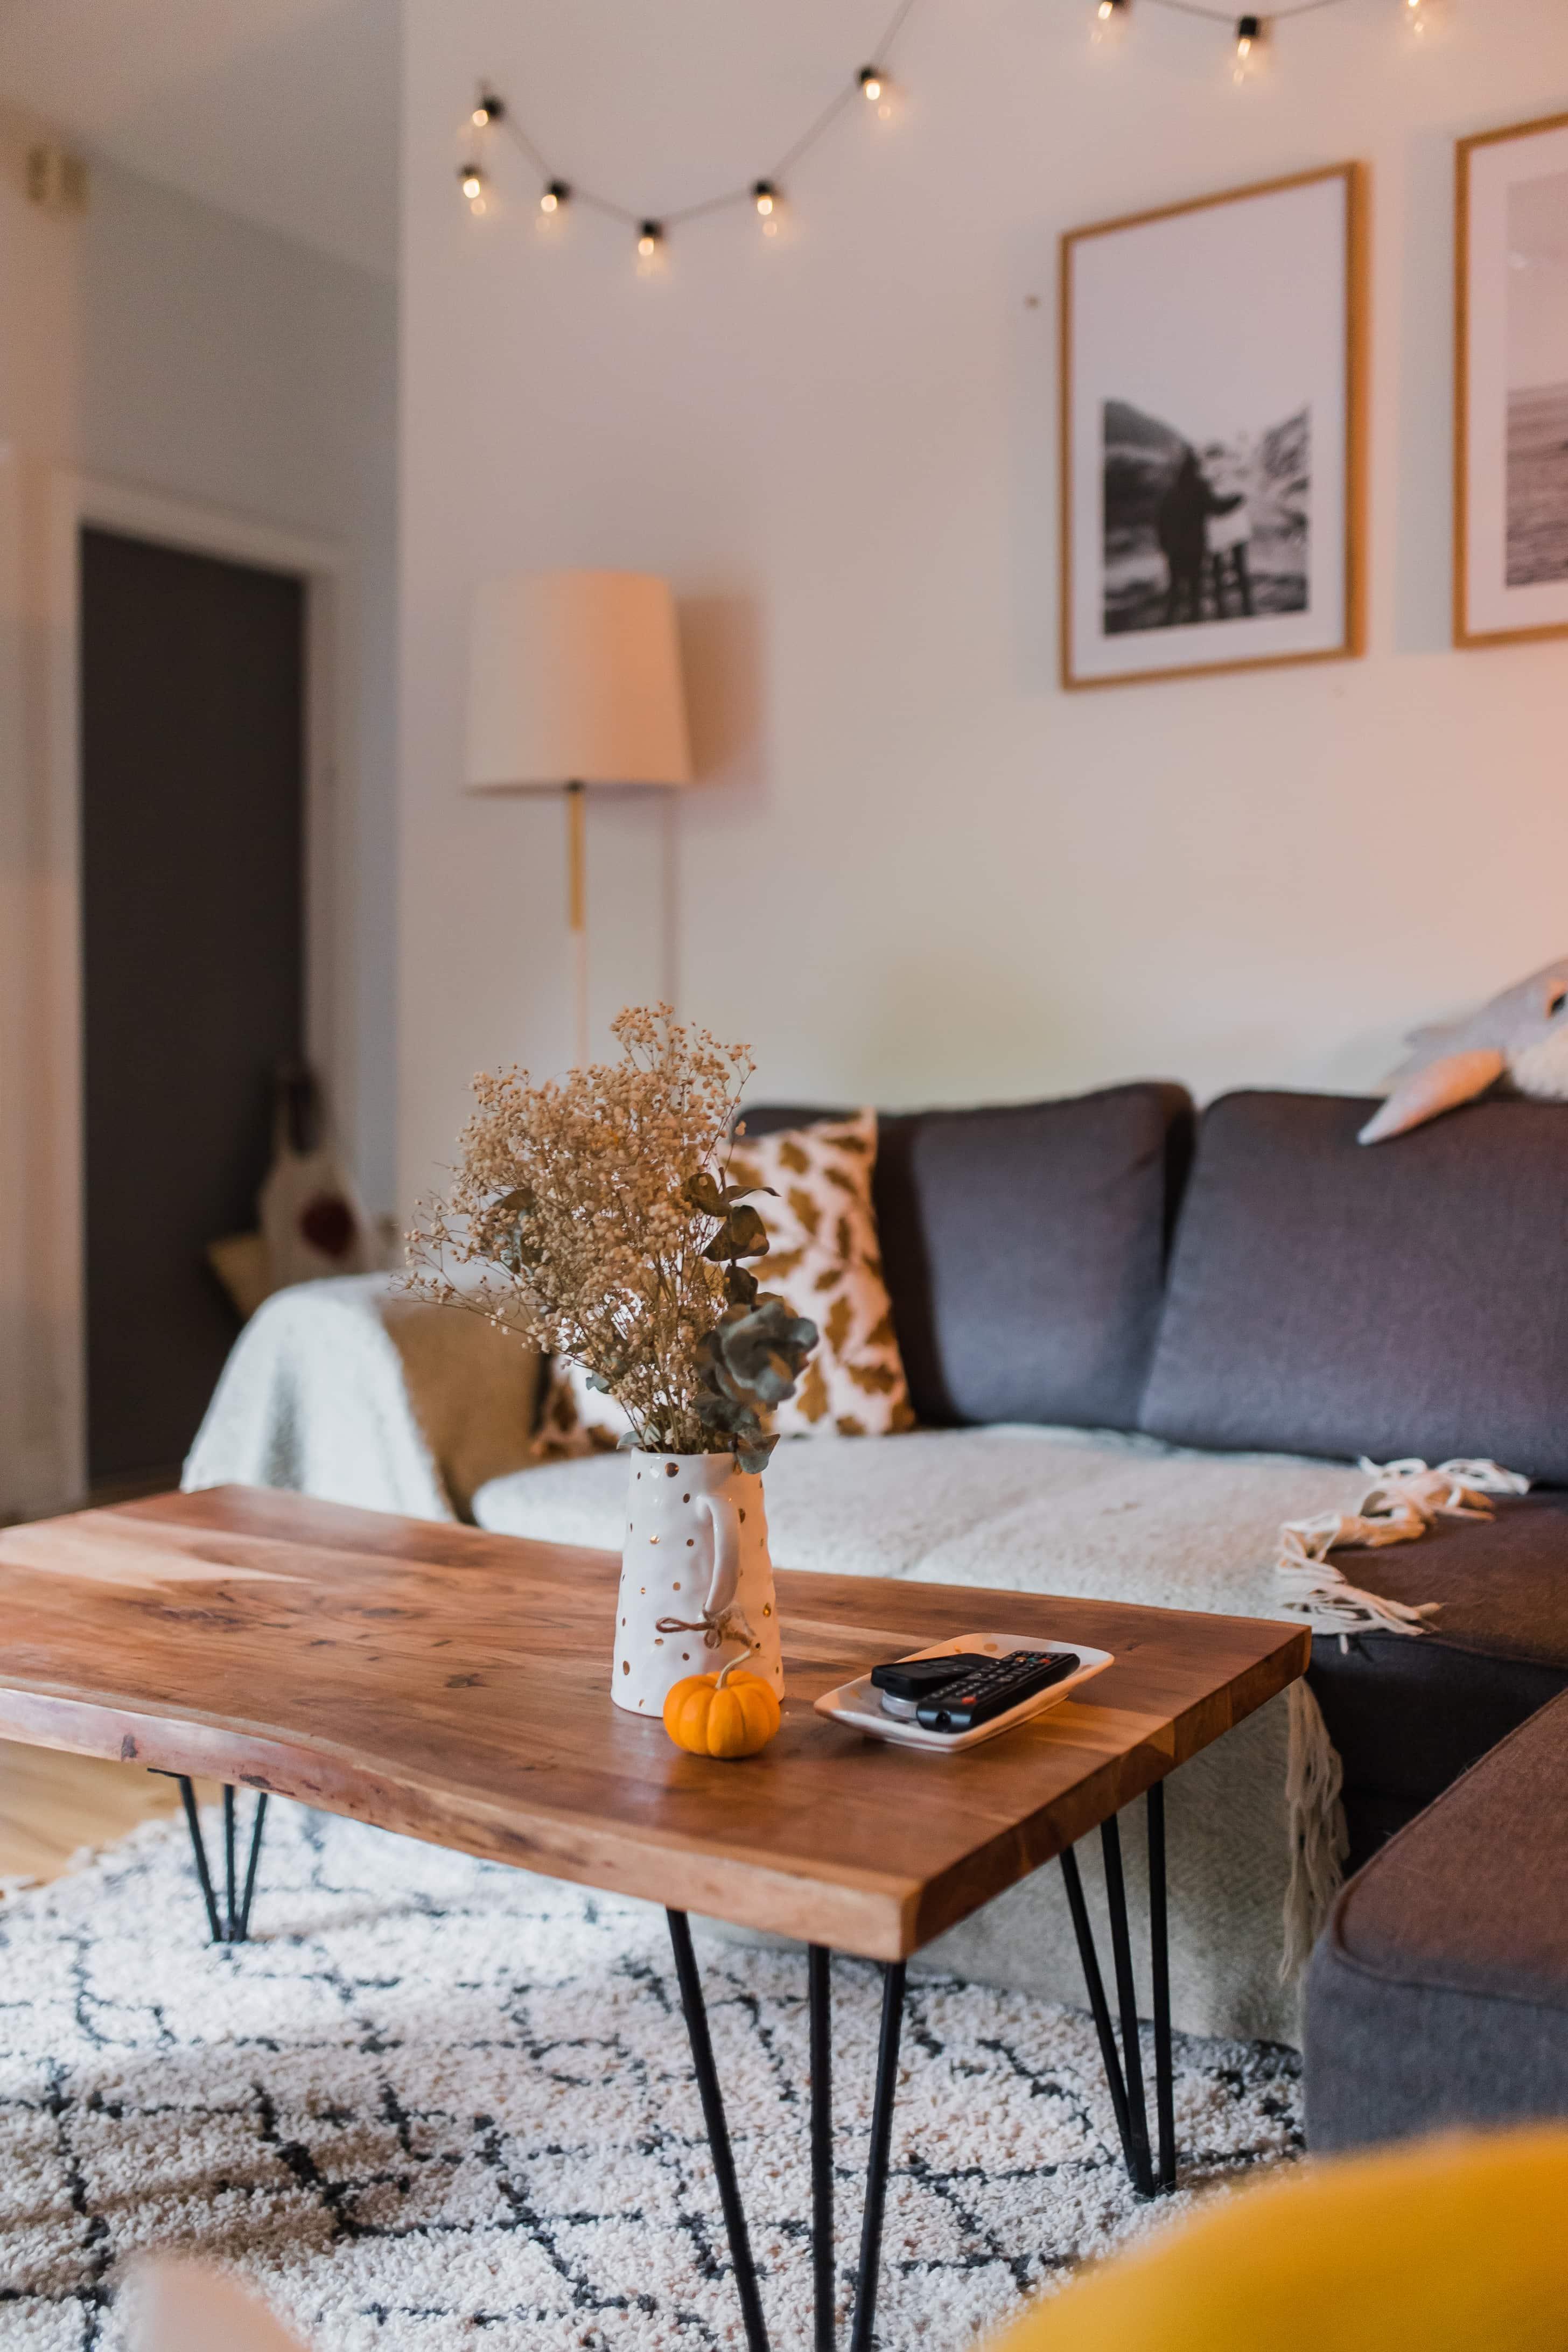 Comment Disposer Des Cadres Au Dessus D Un Canapé la décoration de notre salon montréalais - la mouette | blog